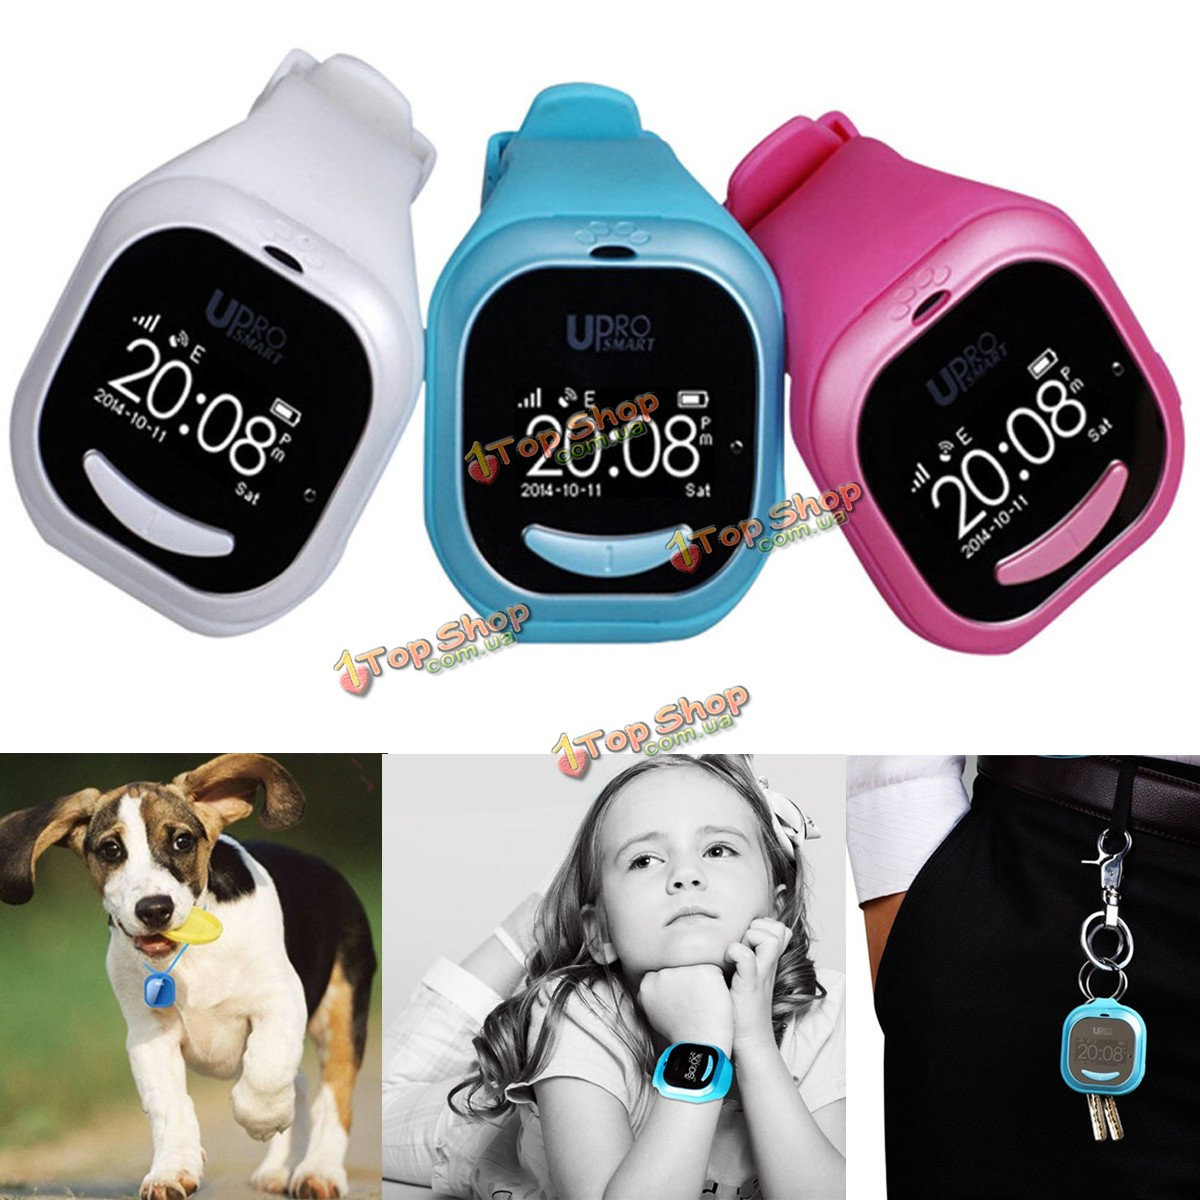 Международная версия дети ребенок умные часы P5 трекер WiFi сим Сос призывают к Ios андроид GPS upro - ➊TopShop ➠ Товары из Китая с бесплатной доставкой в Украину! в Киеве